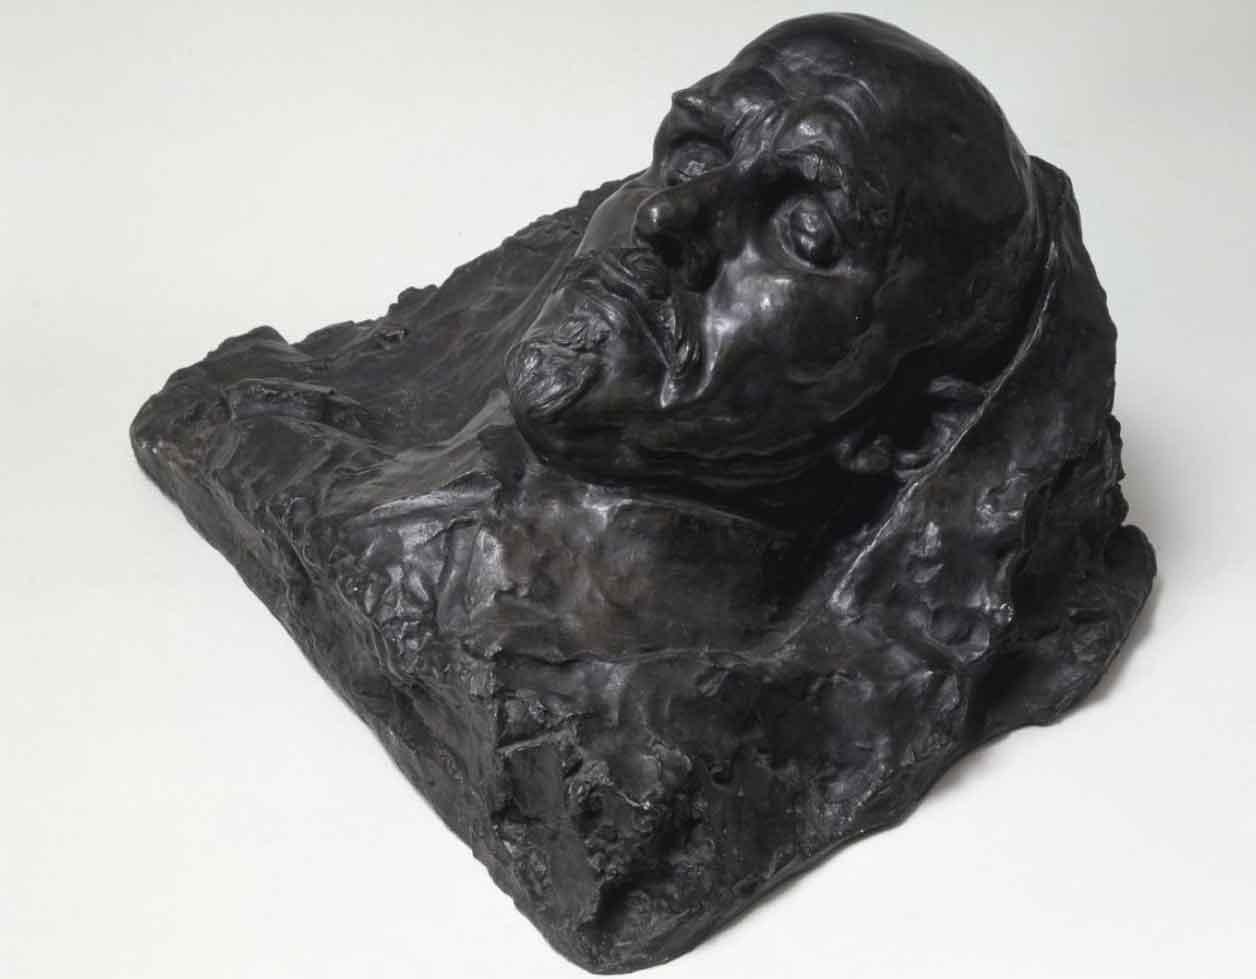 V.I. Lenin on his deathbed